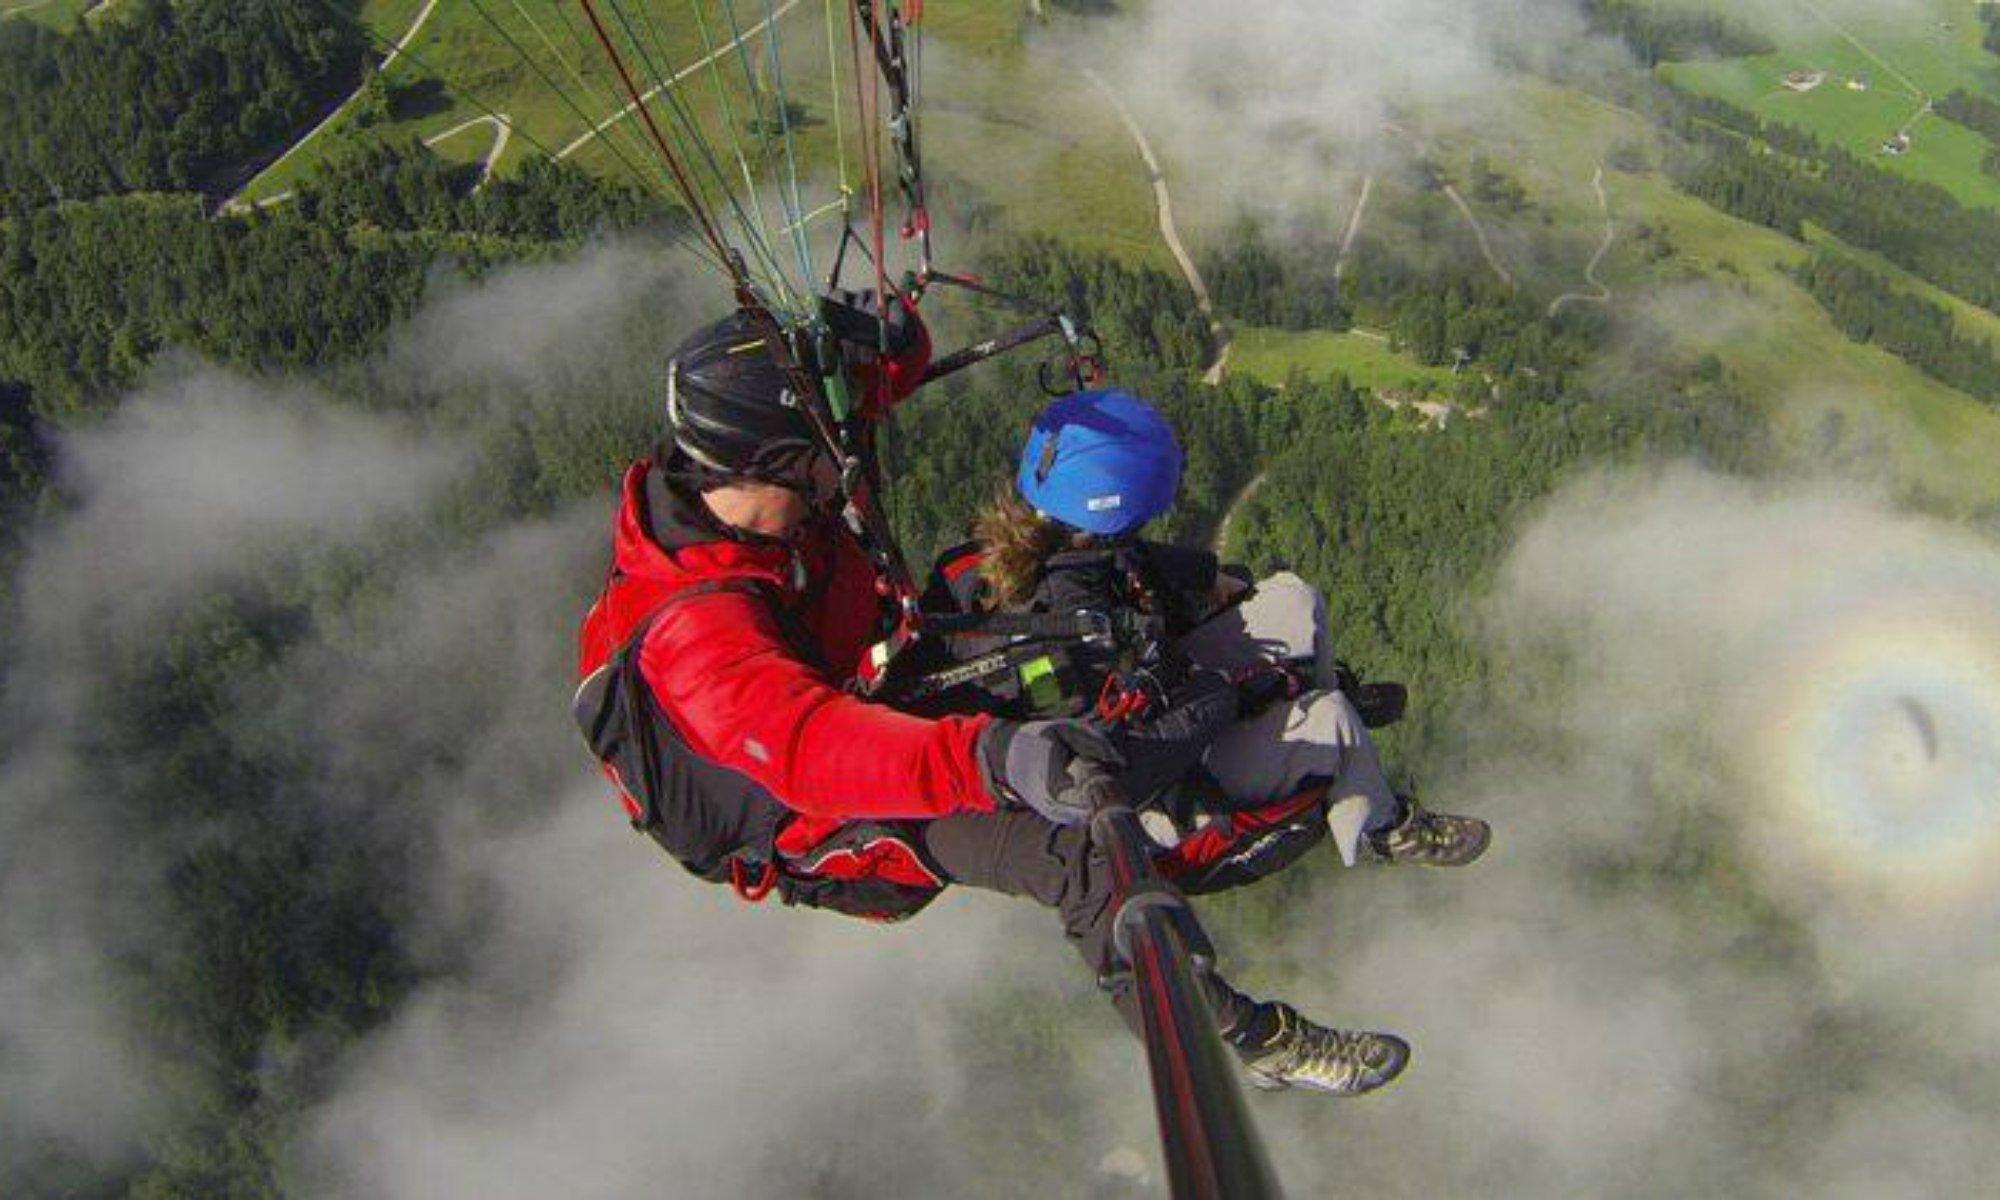 Ein Paragliding Pilot und sein Passagier während eines Fluges über den Chiemgau.